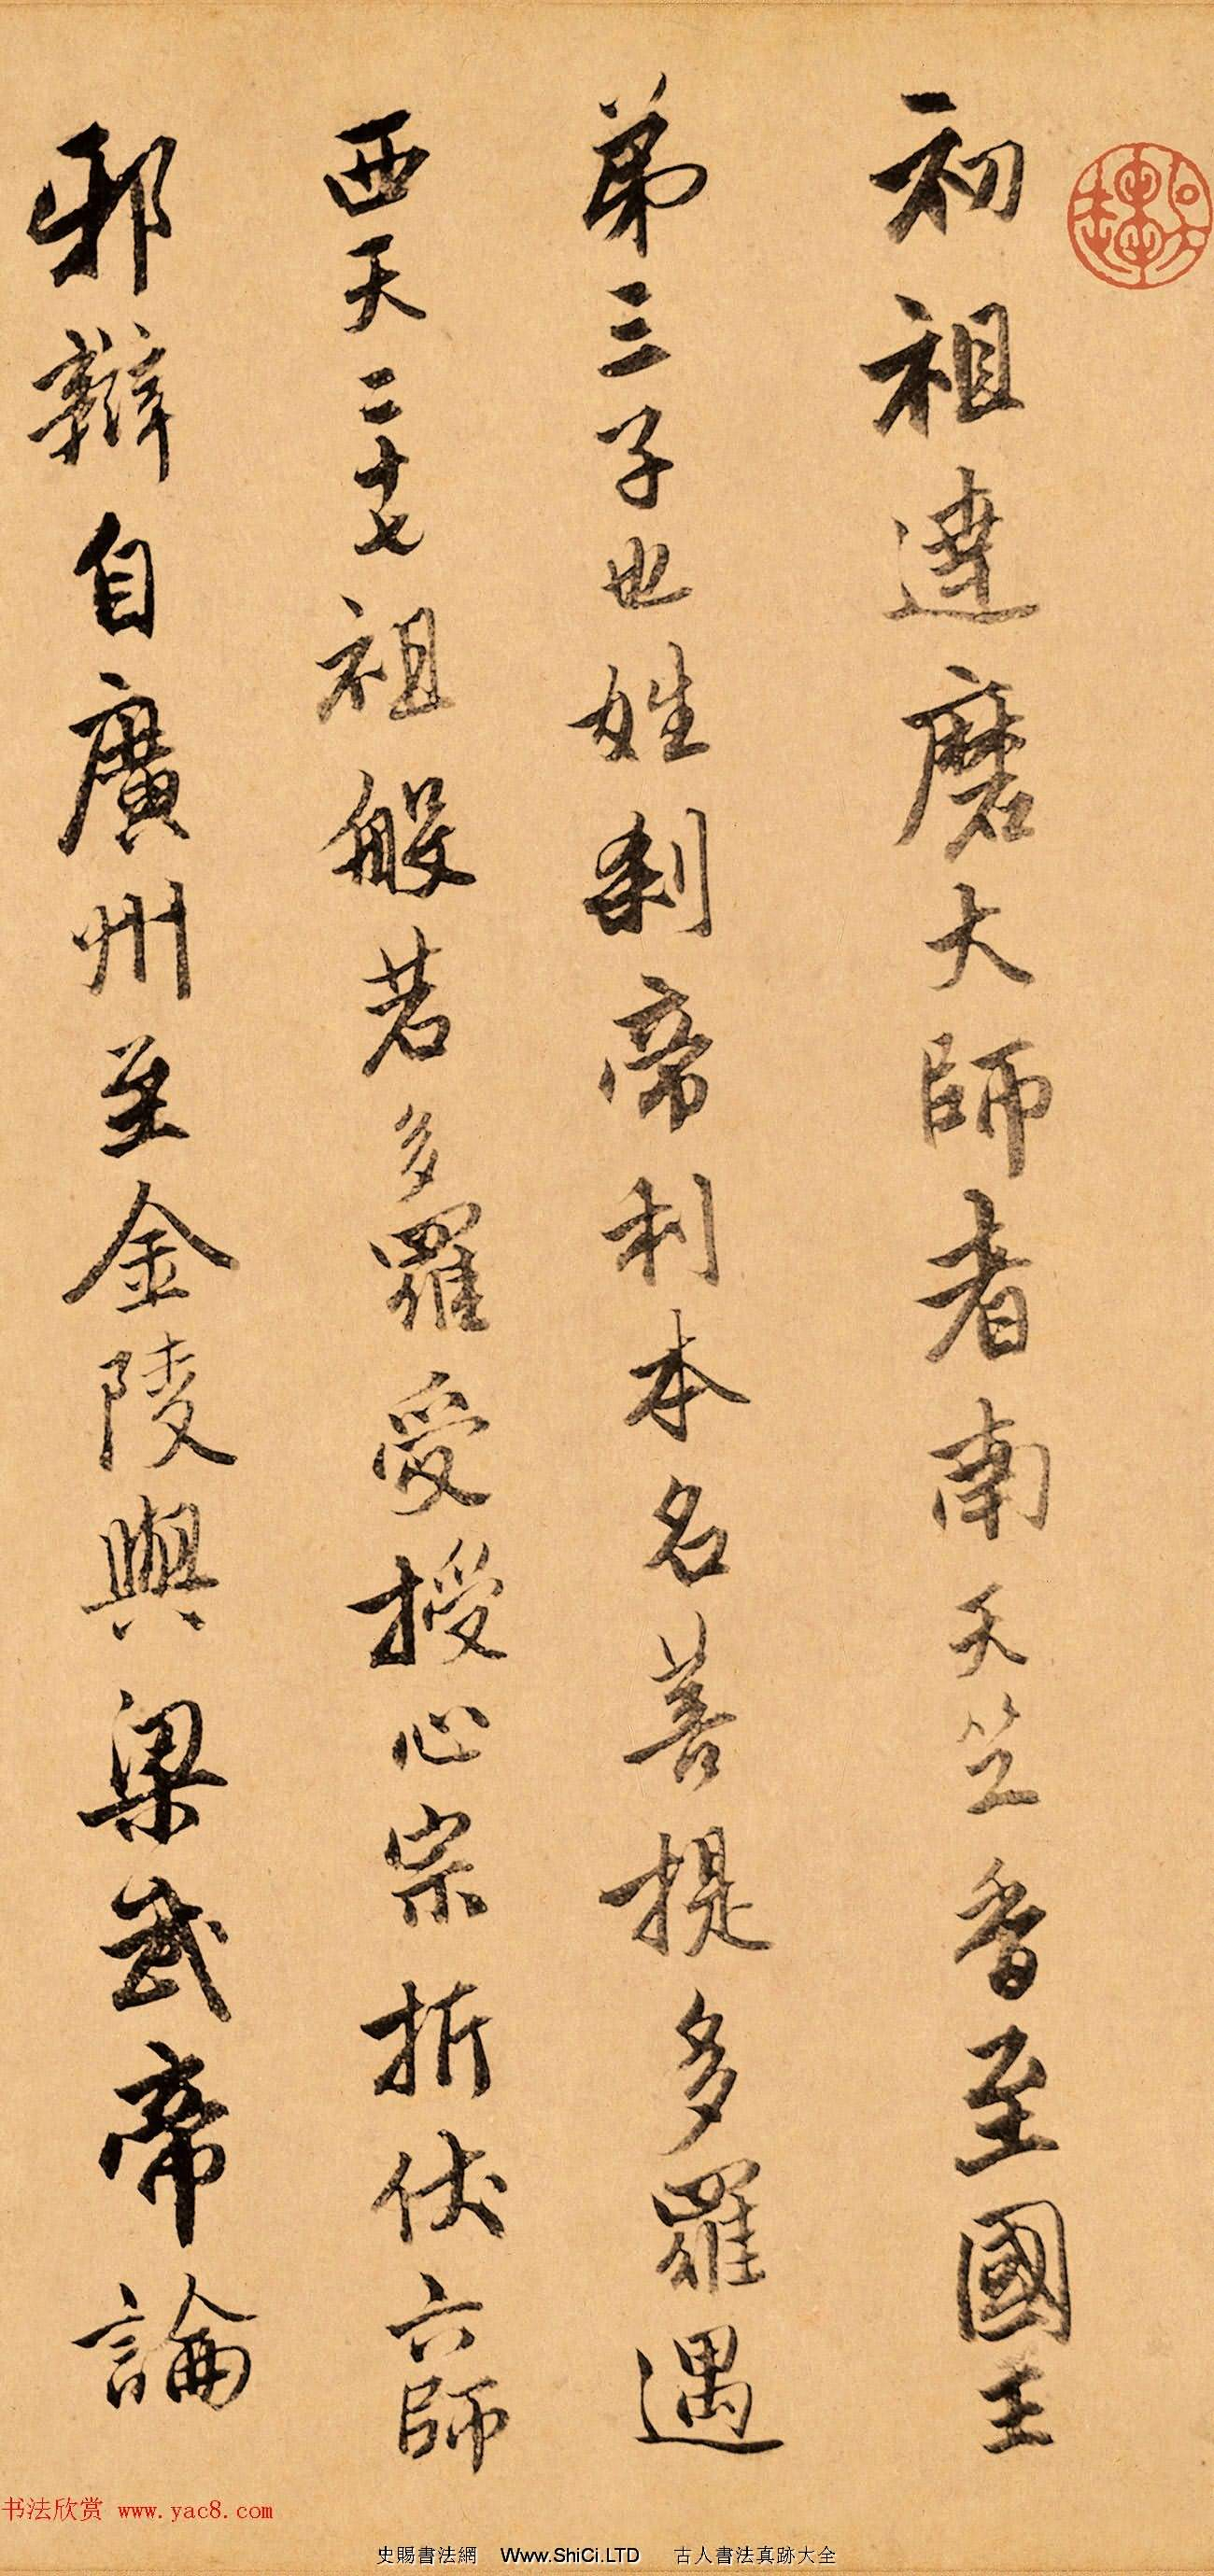 唐伯虎書法題跋達摩六代祖師圖(共15張圖片)